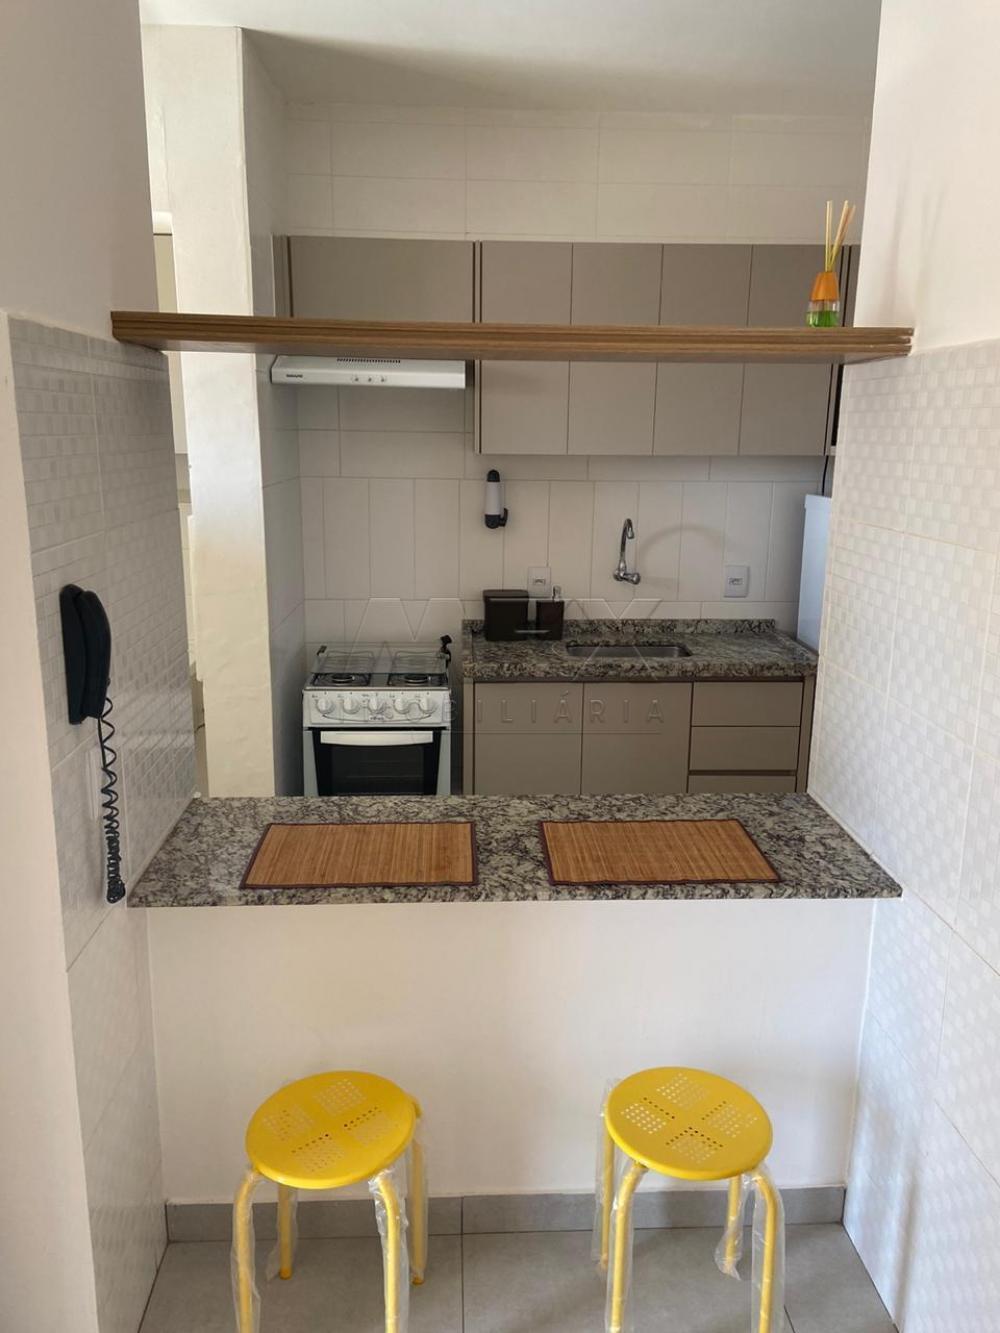 Comprar Apartamento / Padrão em Bauru R$ 175.000,00 - Foto 2